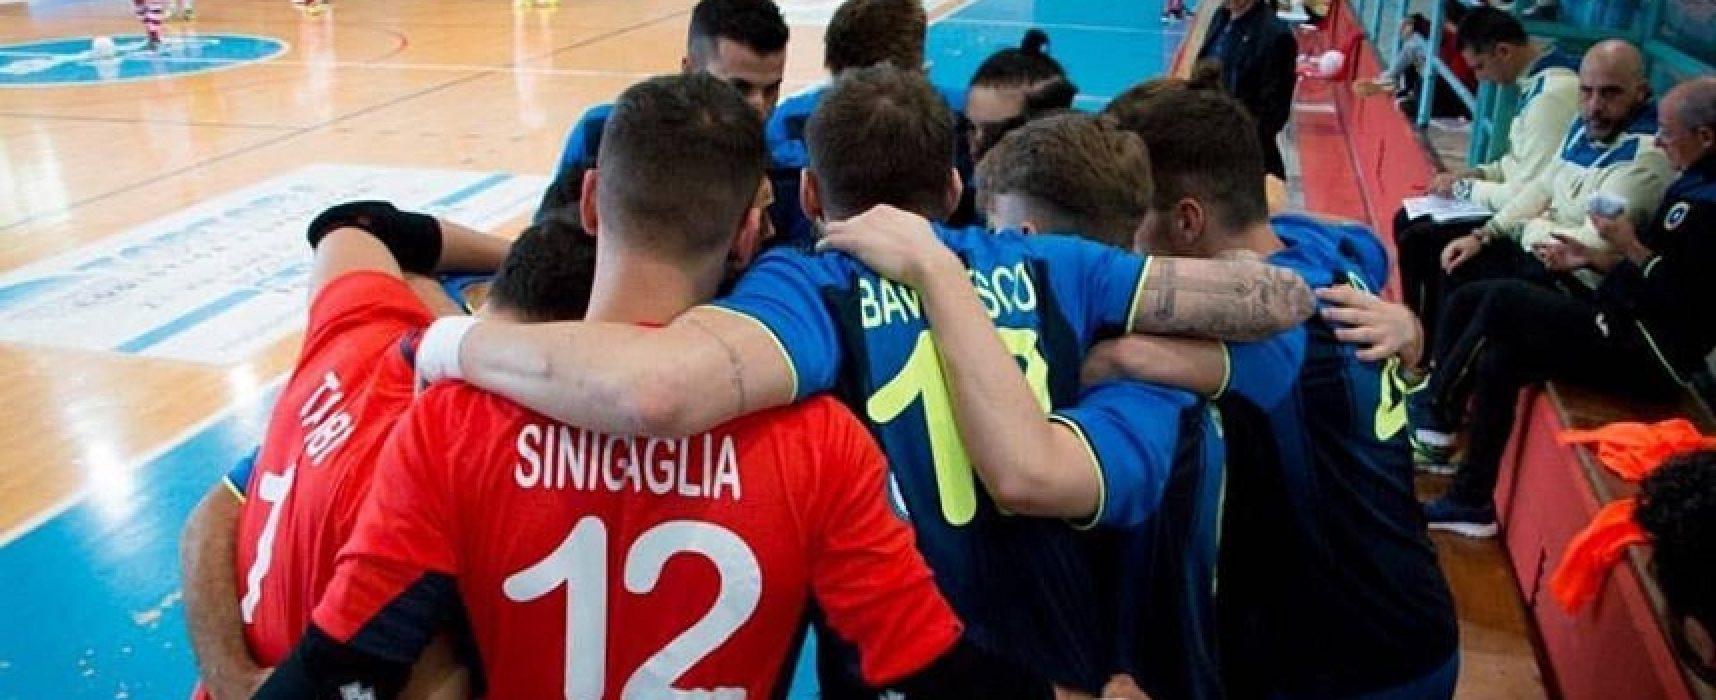 Futsal Bisceglie, a Barletta ultima speranza playoff